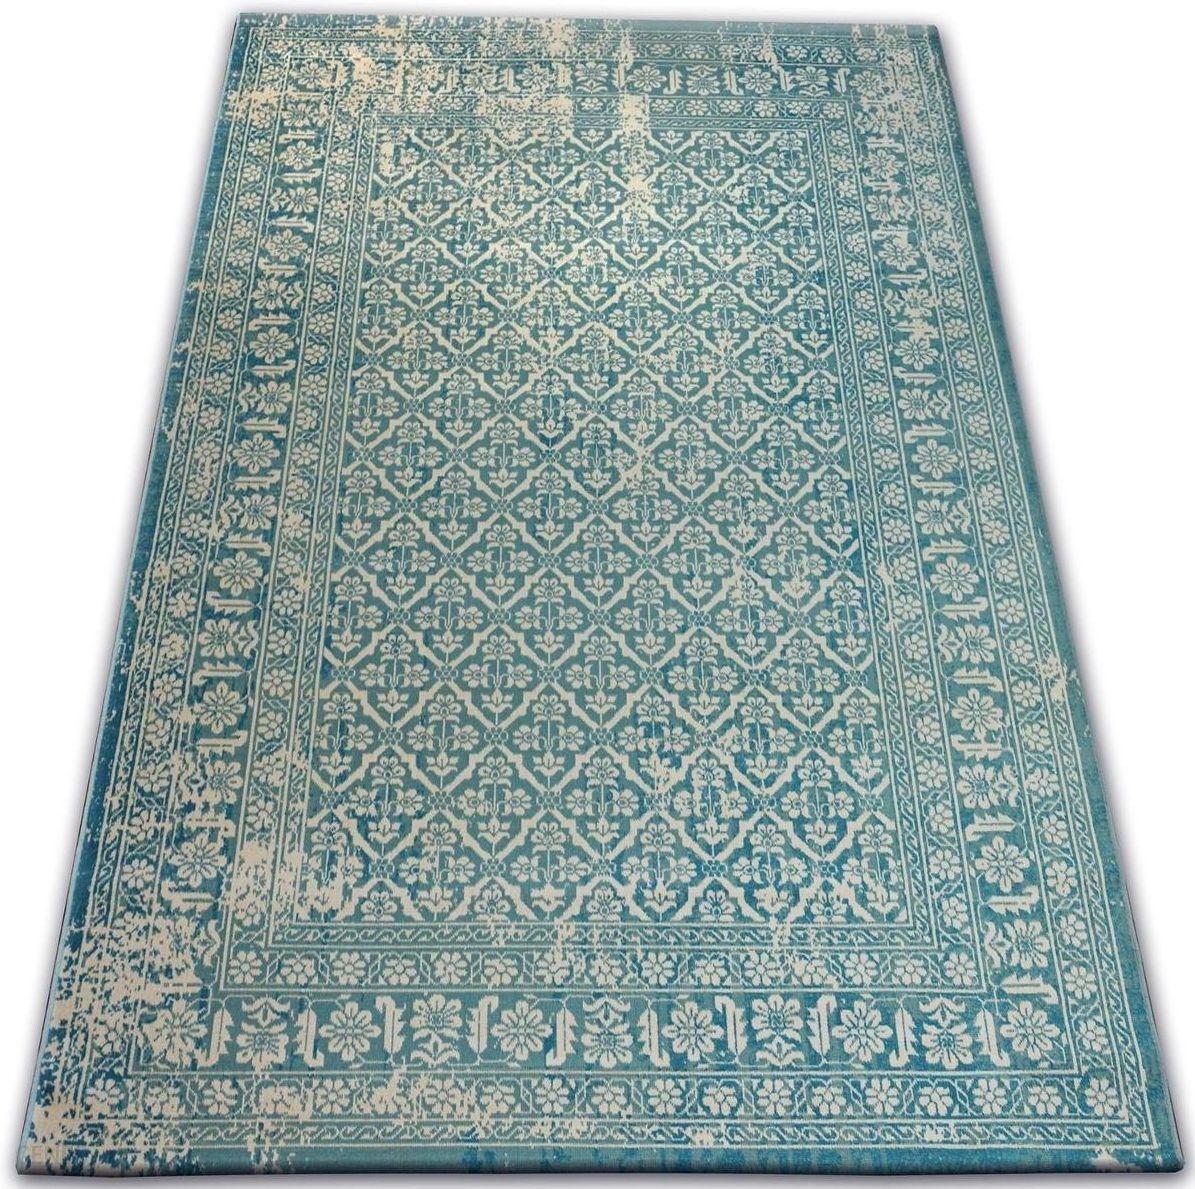 Dywany łuszczów Dywan Vintage 120x170 09644 B228 Opinie I Atrakcyjne Ceny Na Ceneopl